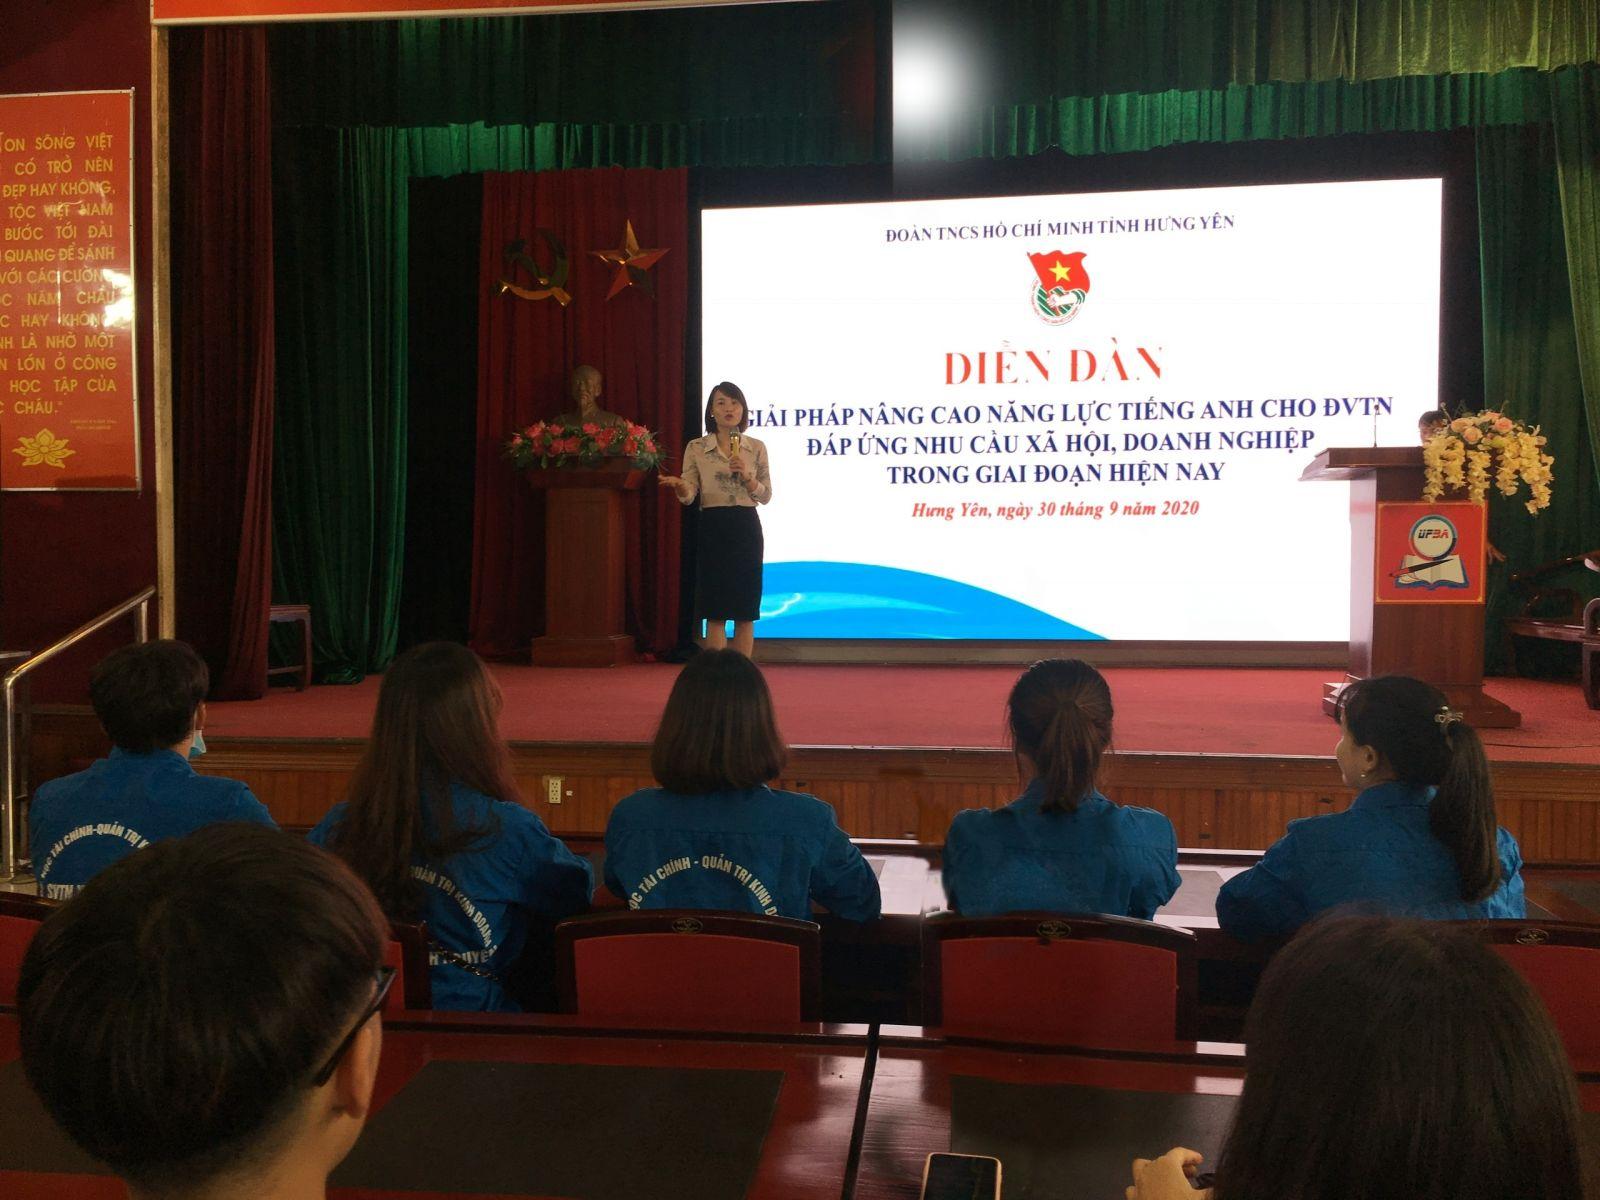 Tỉnh đoàn tổ chức Diễn đàn Giải pháp nâng cao năng lực Tiếng Anh cho đoàn viên, học sinh, sinh viên